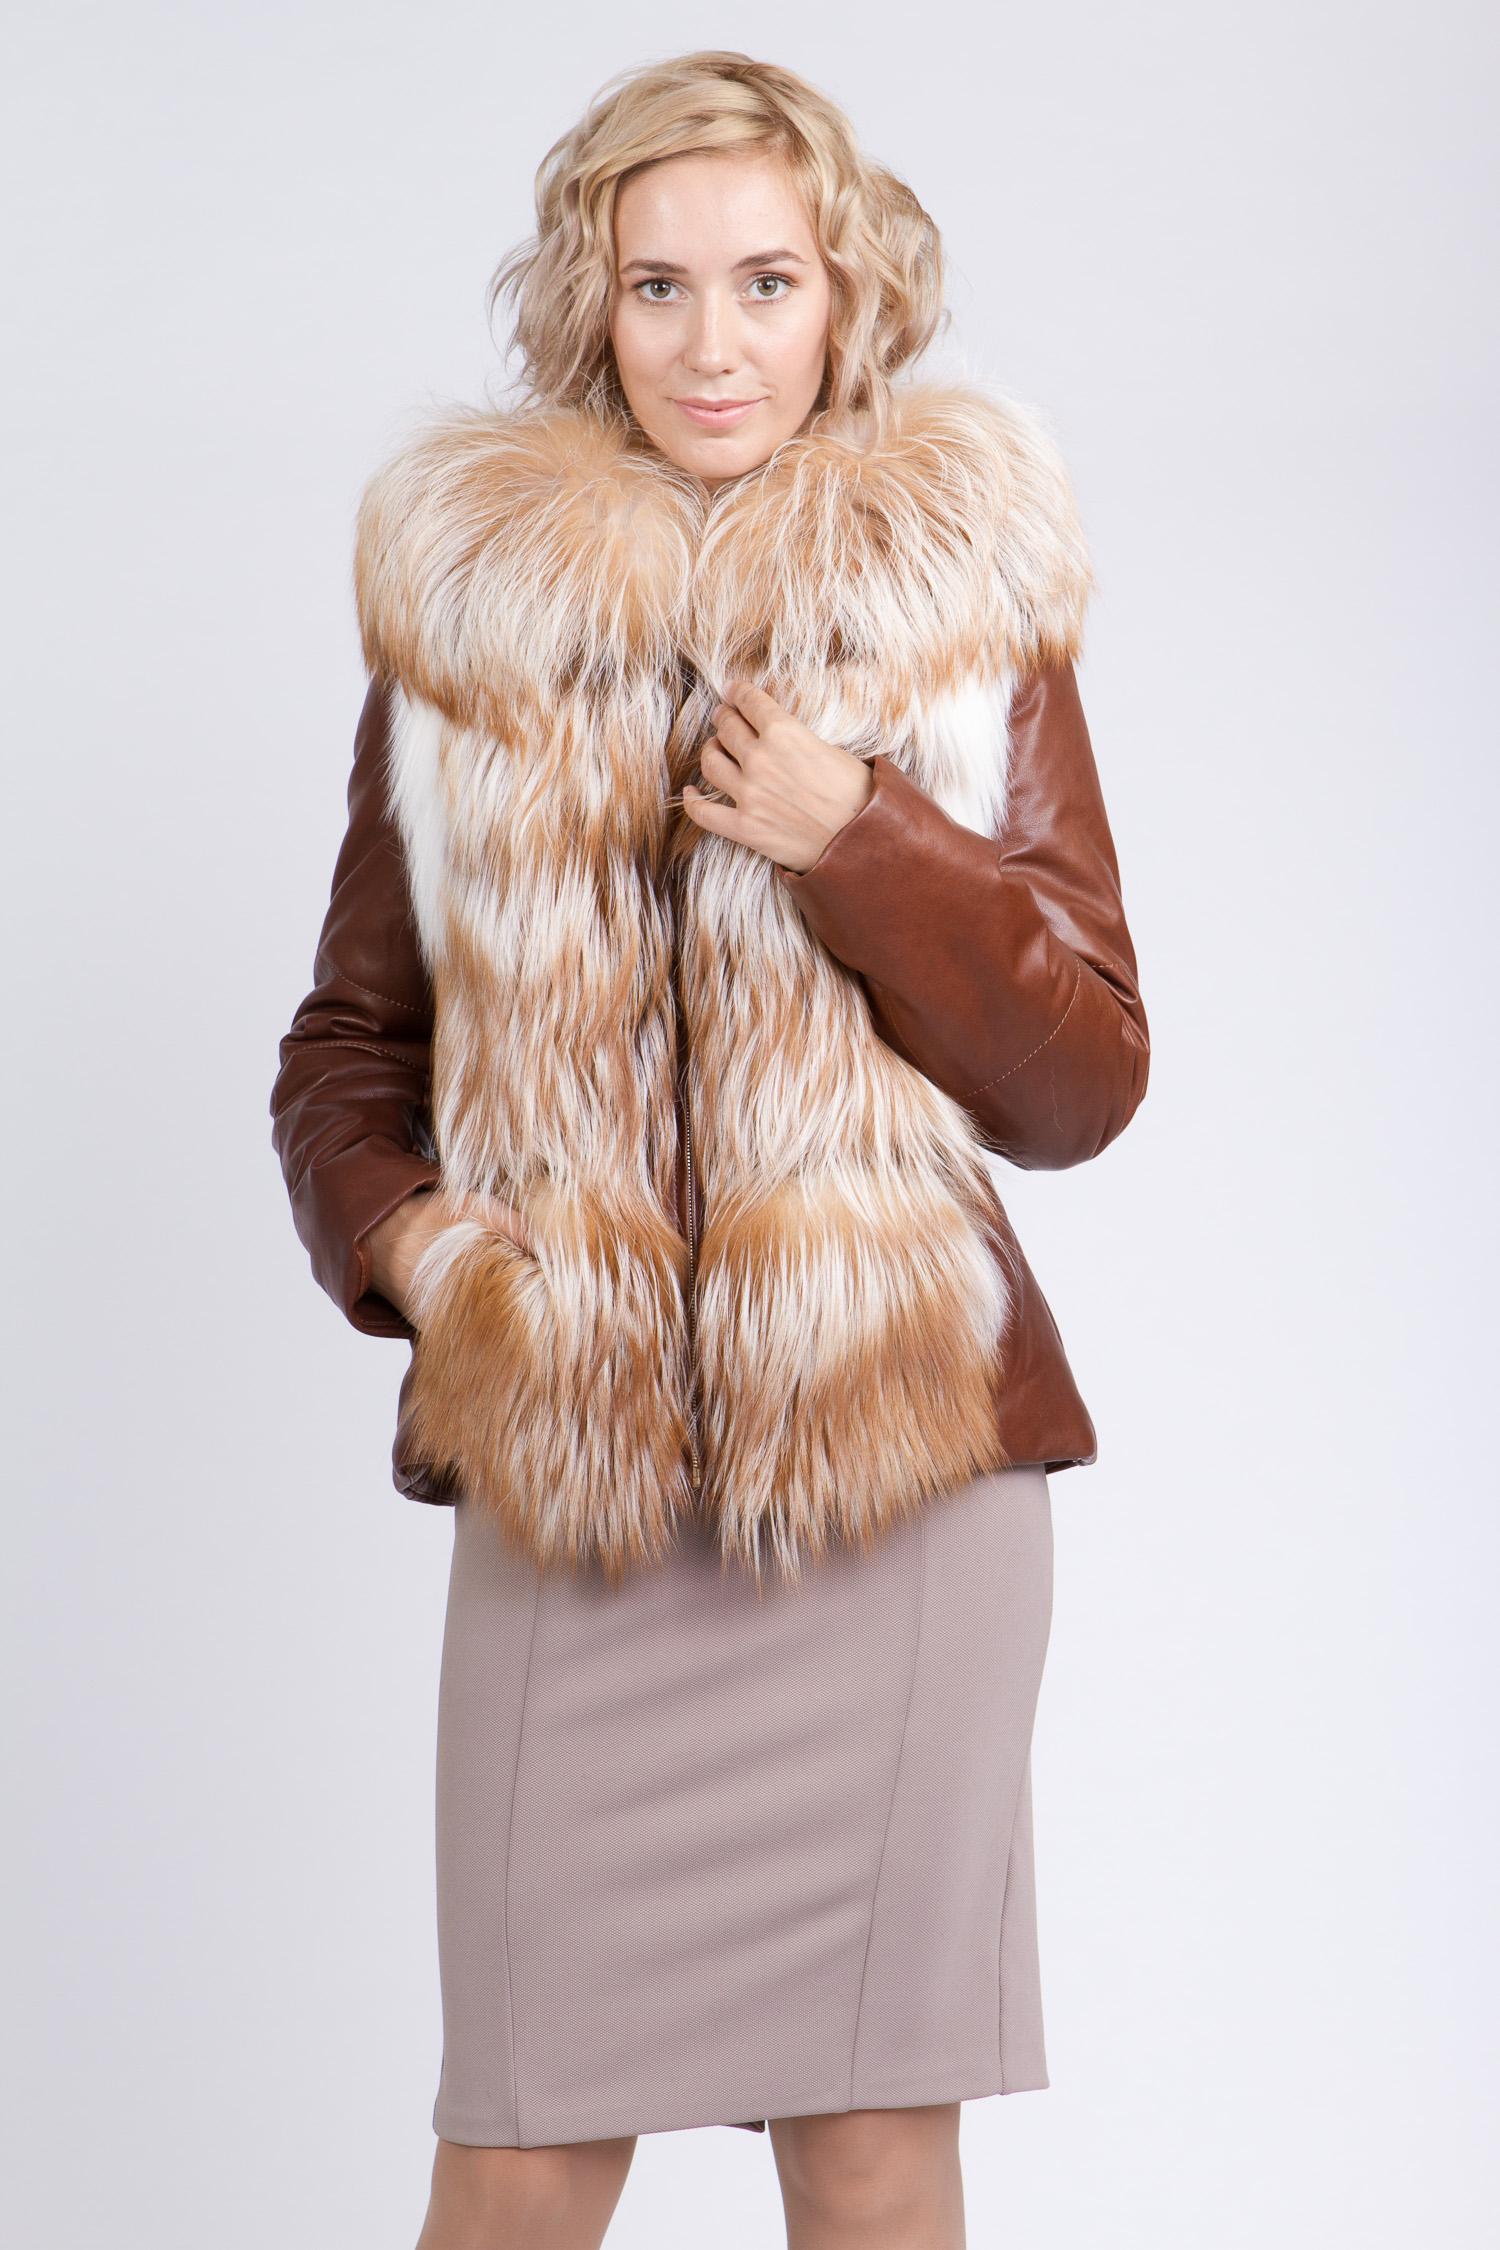 Купить со скидкой Женская кожаная куртка из натуральной кожи с капюшоном, отделка лиса